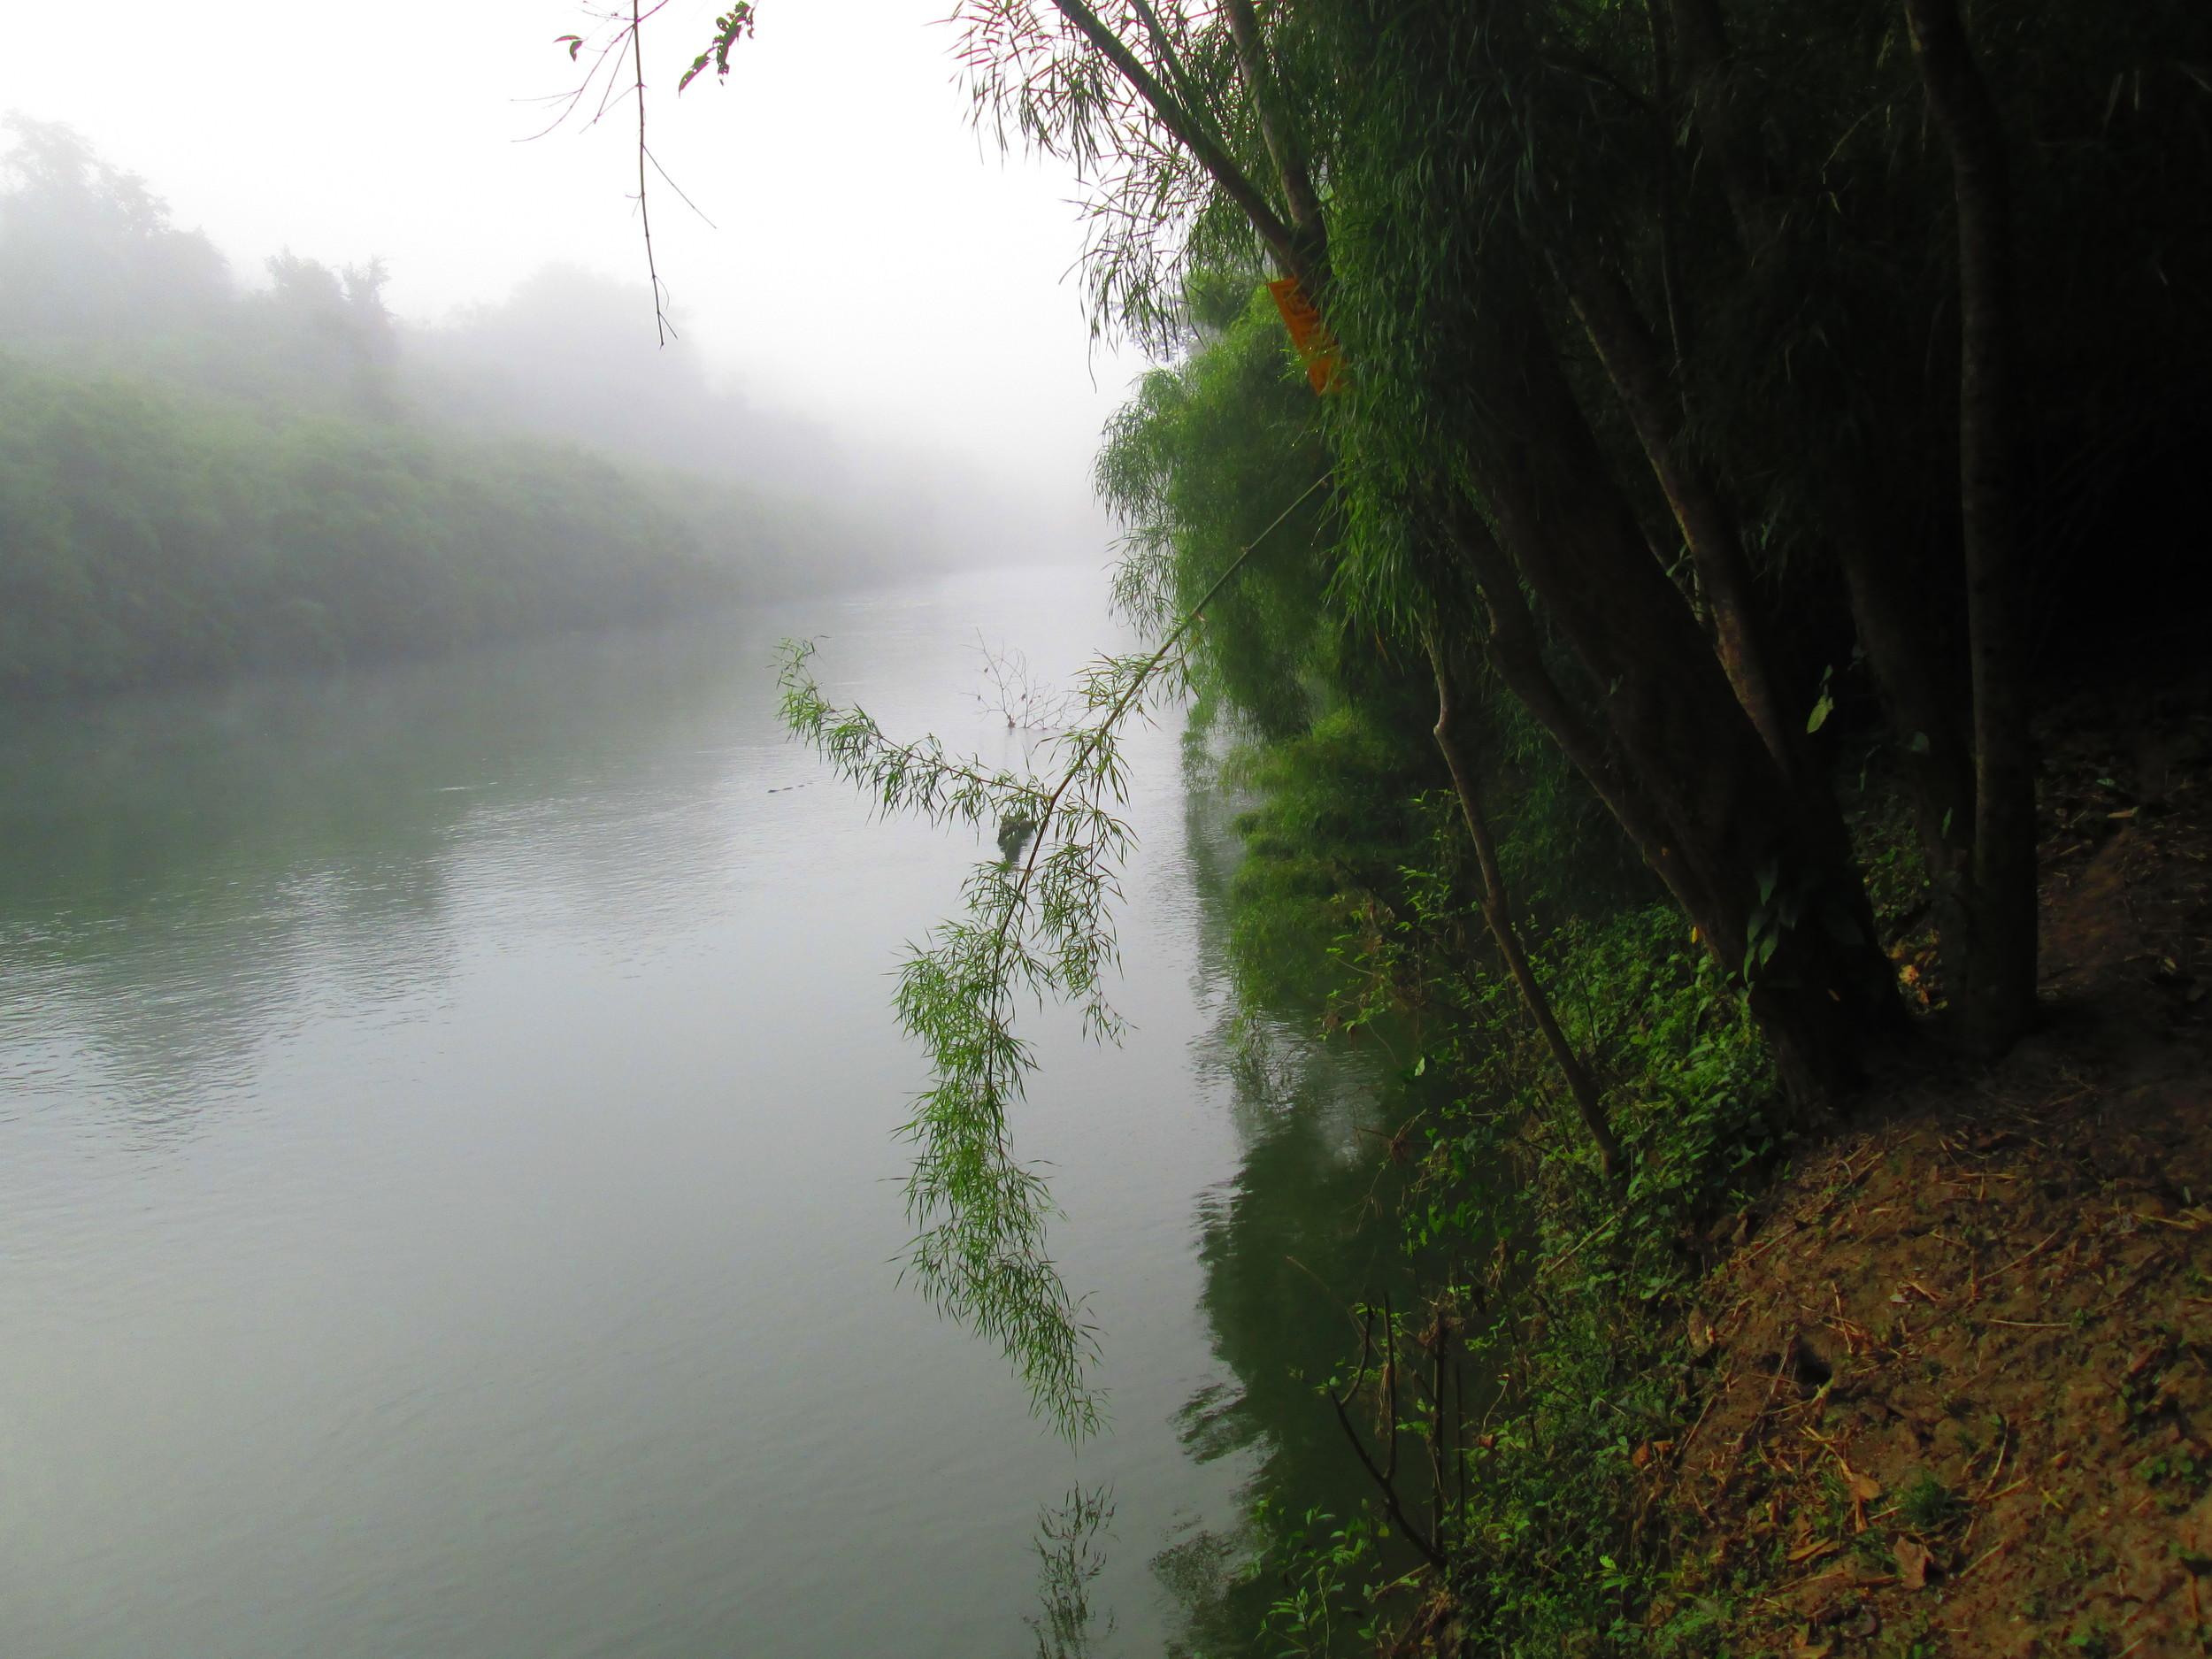 Belize River Bank Misty.JPG